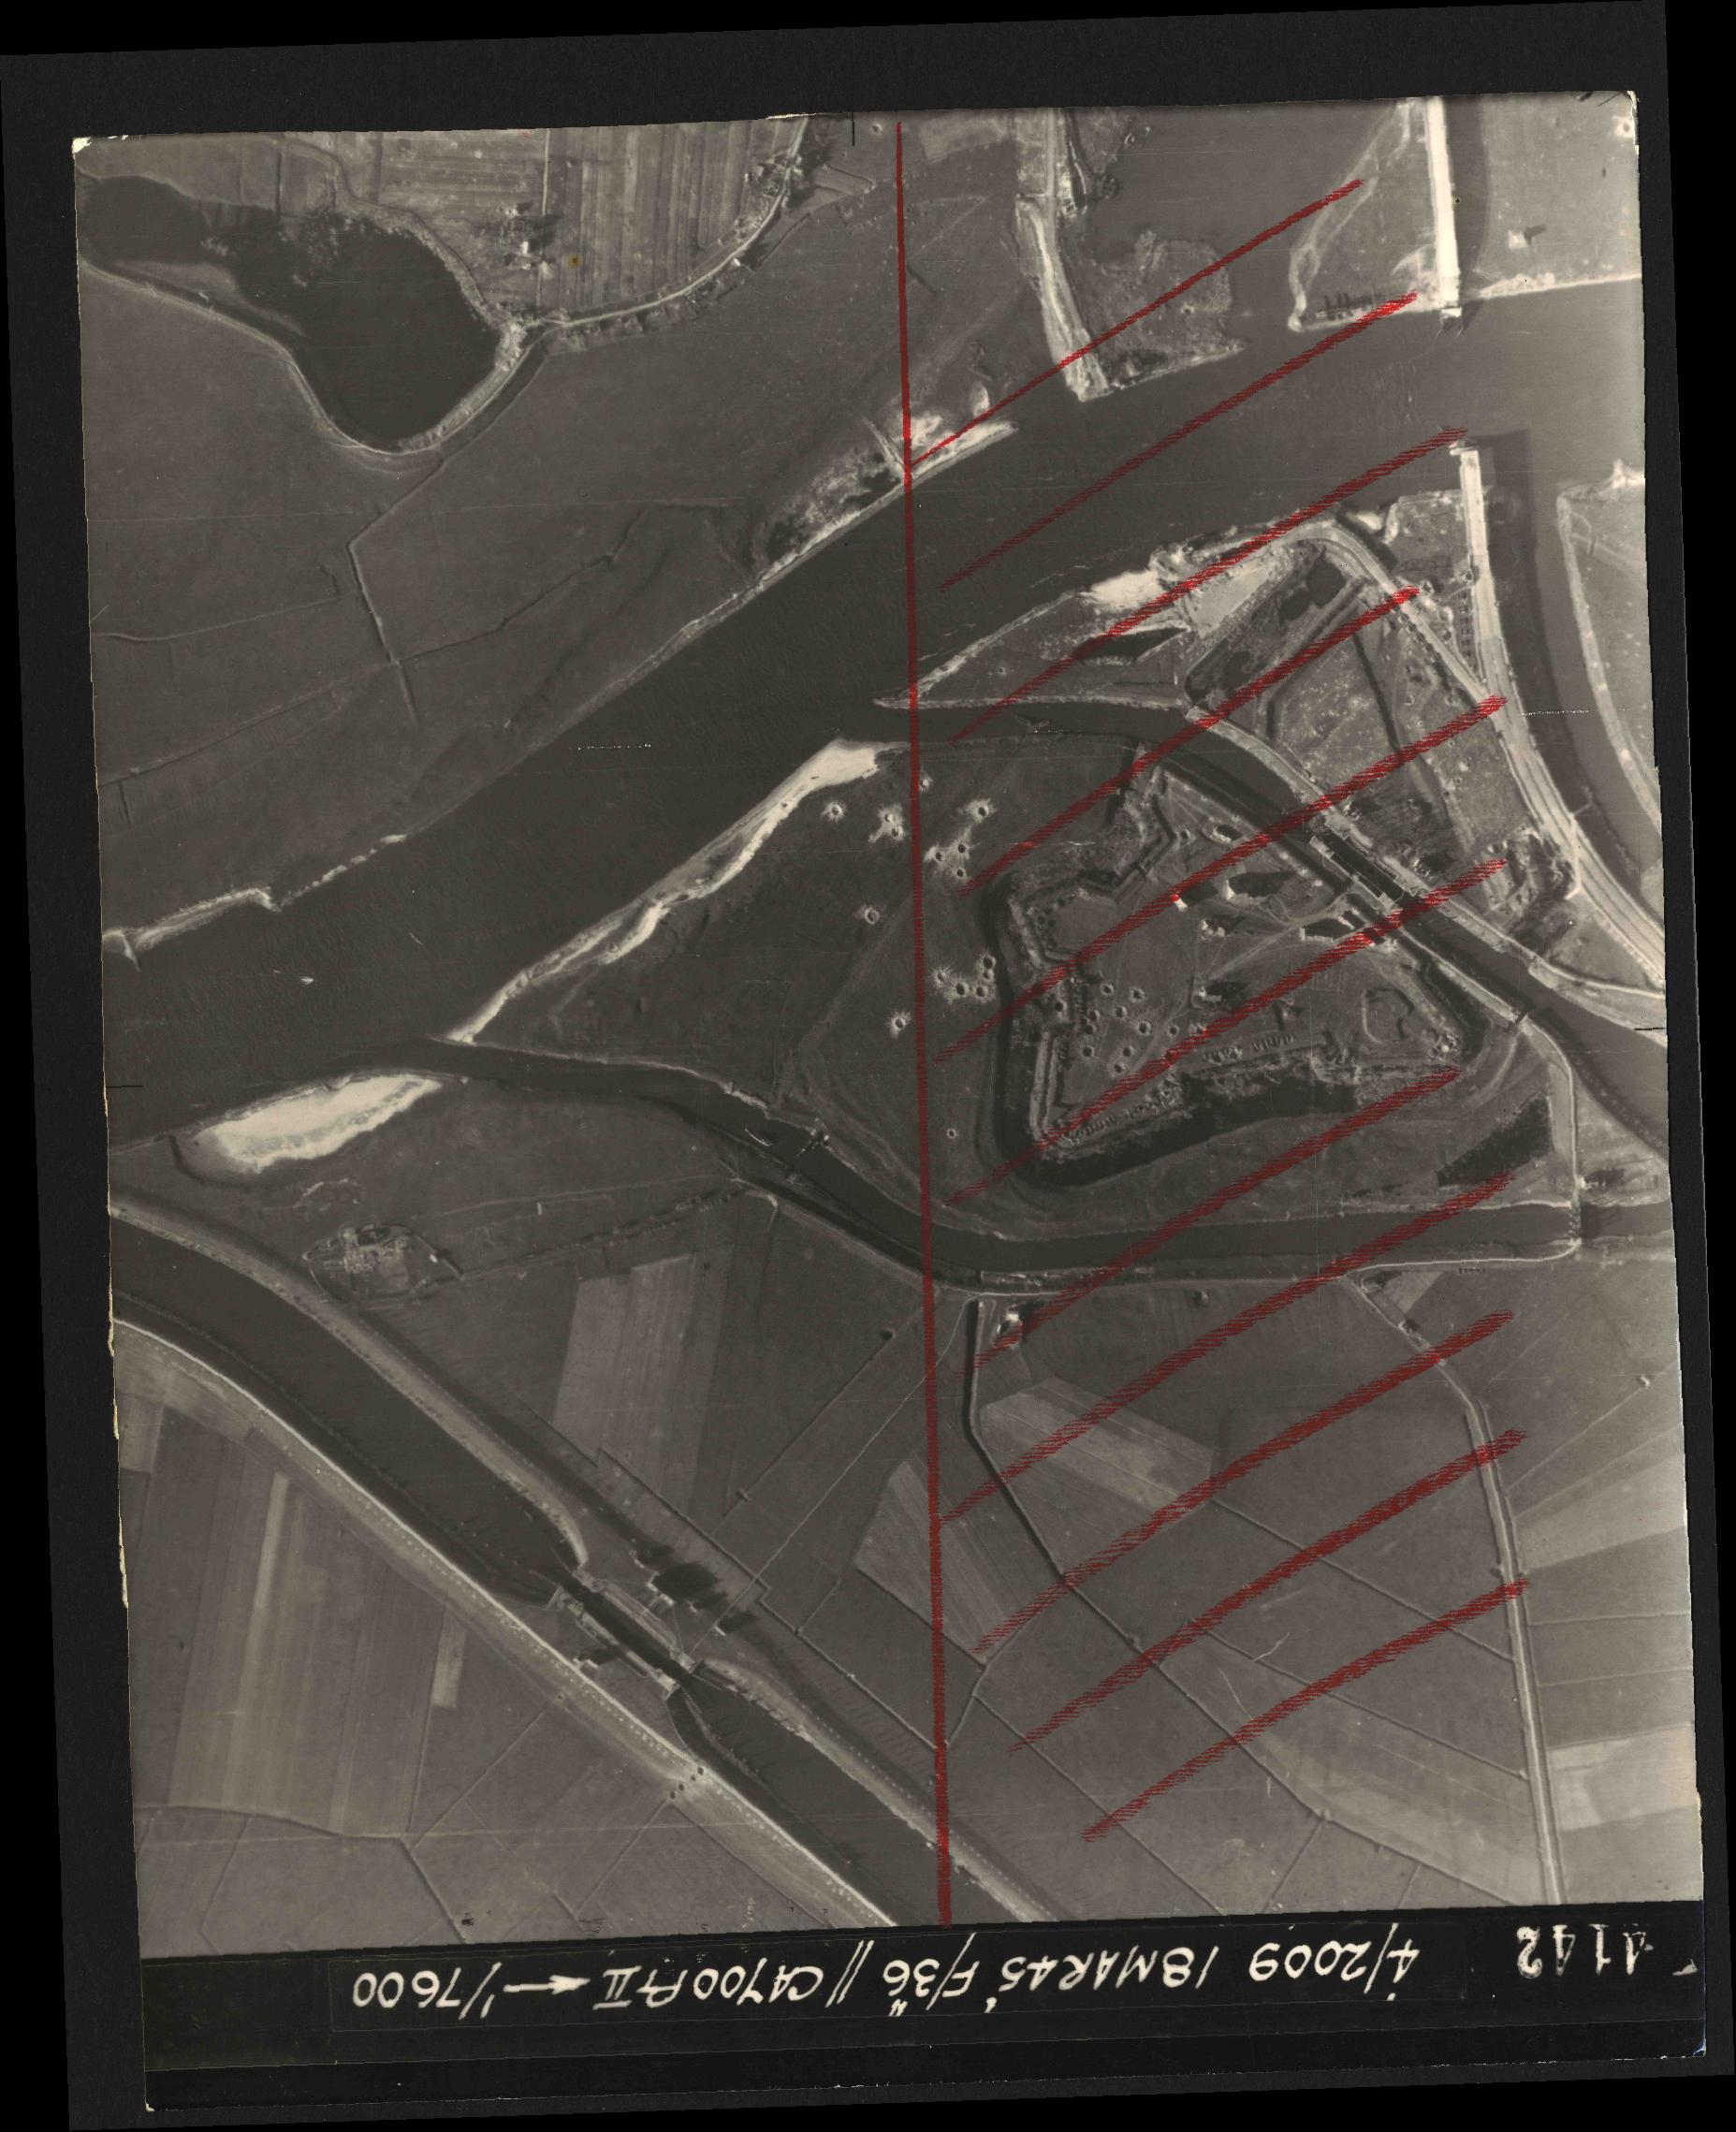 Collection RAF aerial photos 1940-1945 - flight 017, run 09, photo 4142